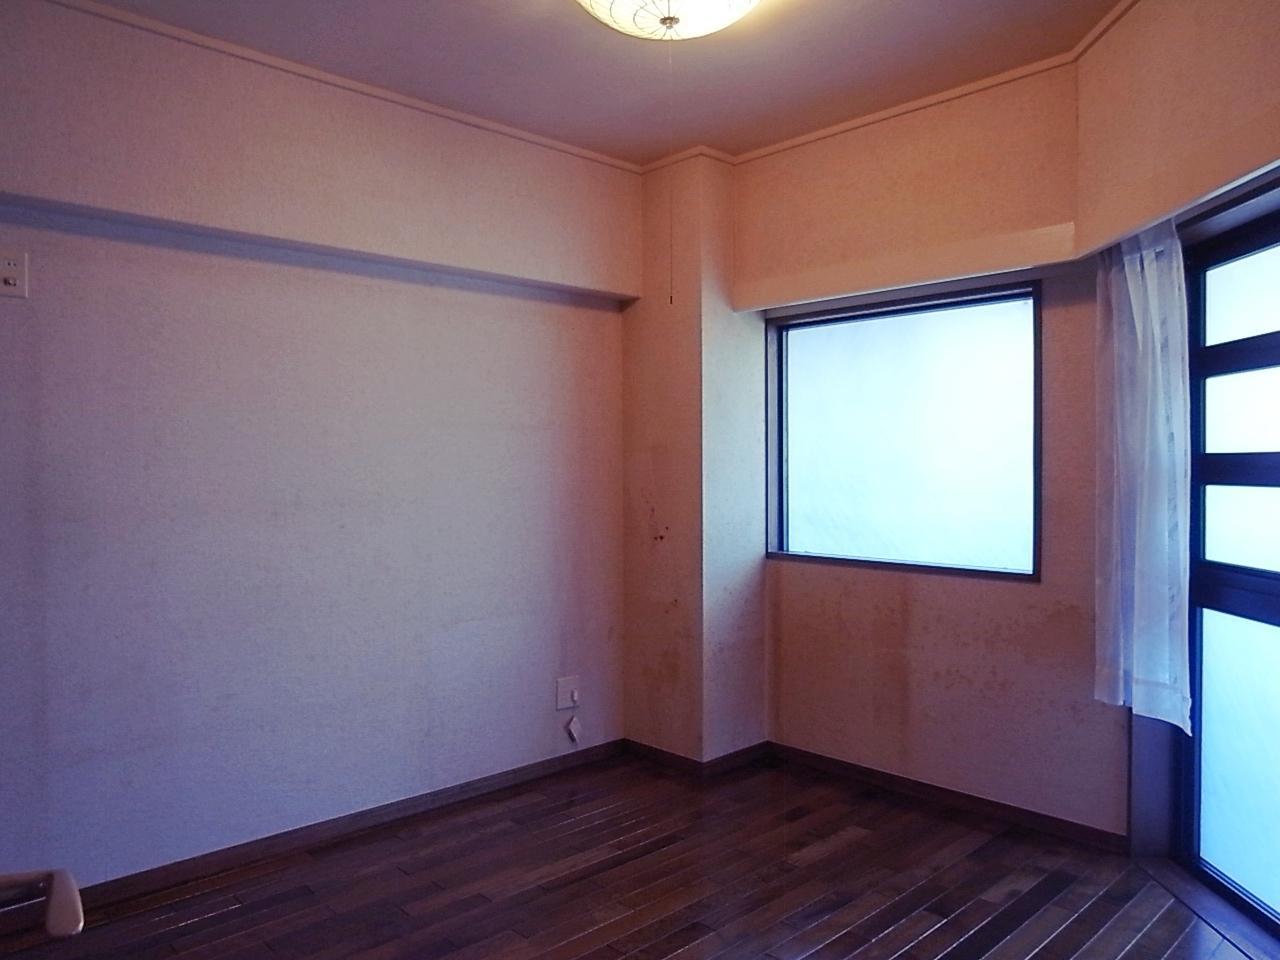 玄関側の洋室。開閉窓ではないので、衣装部屋か。